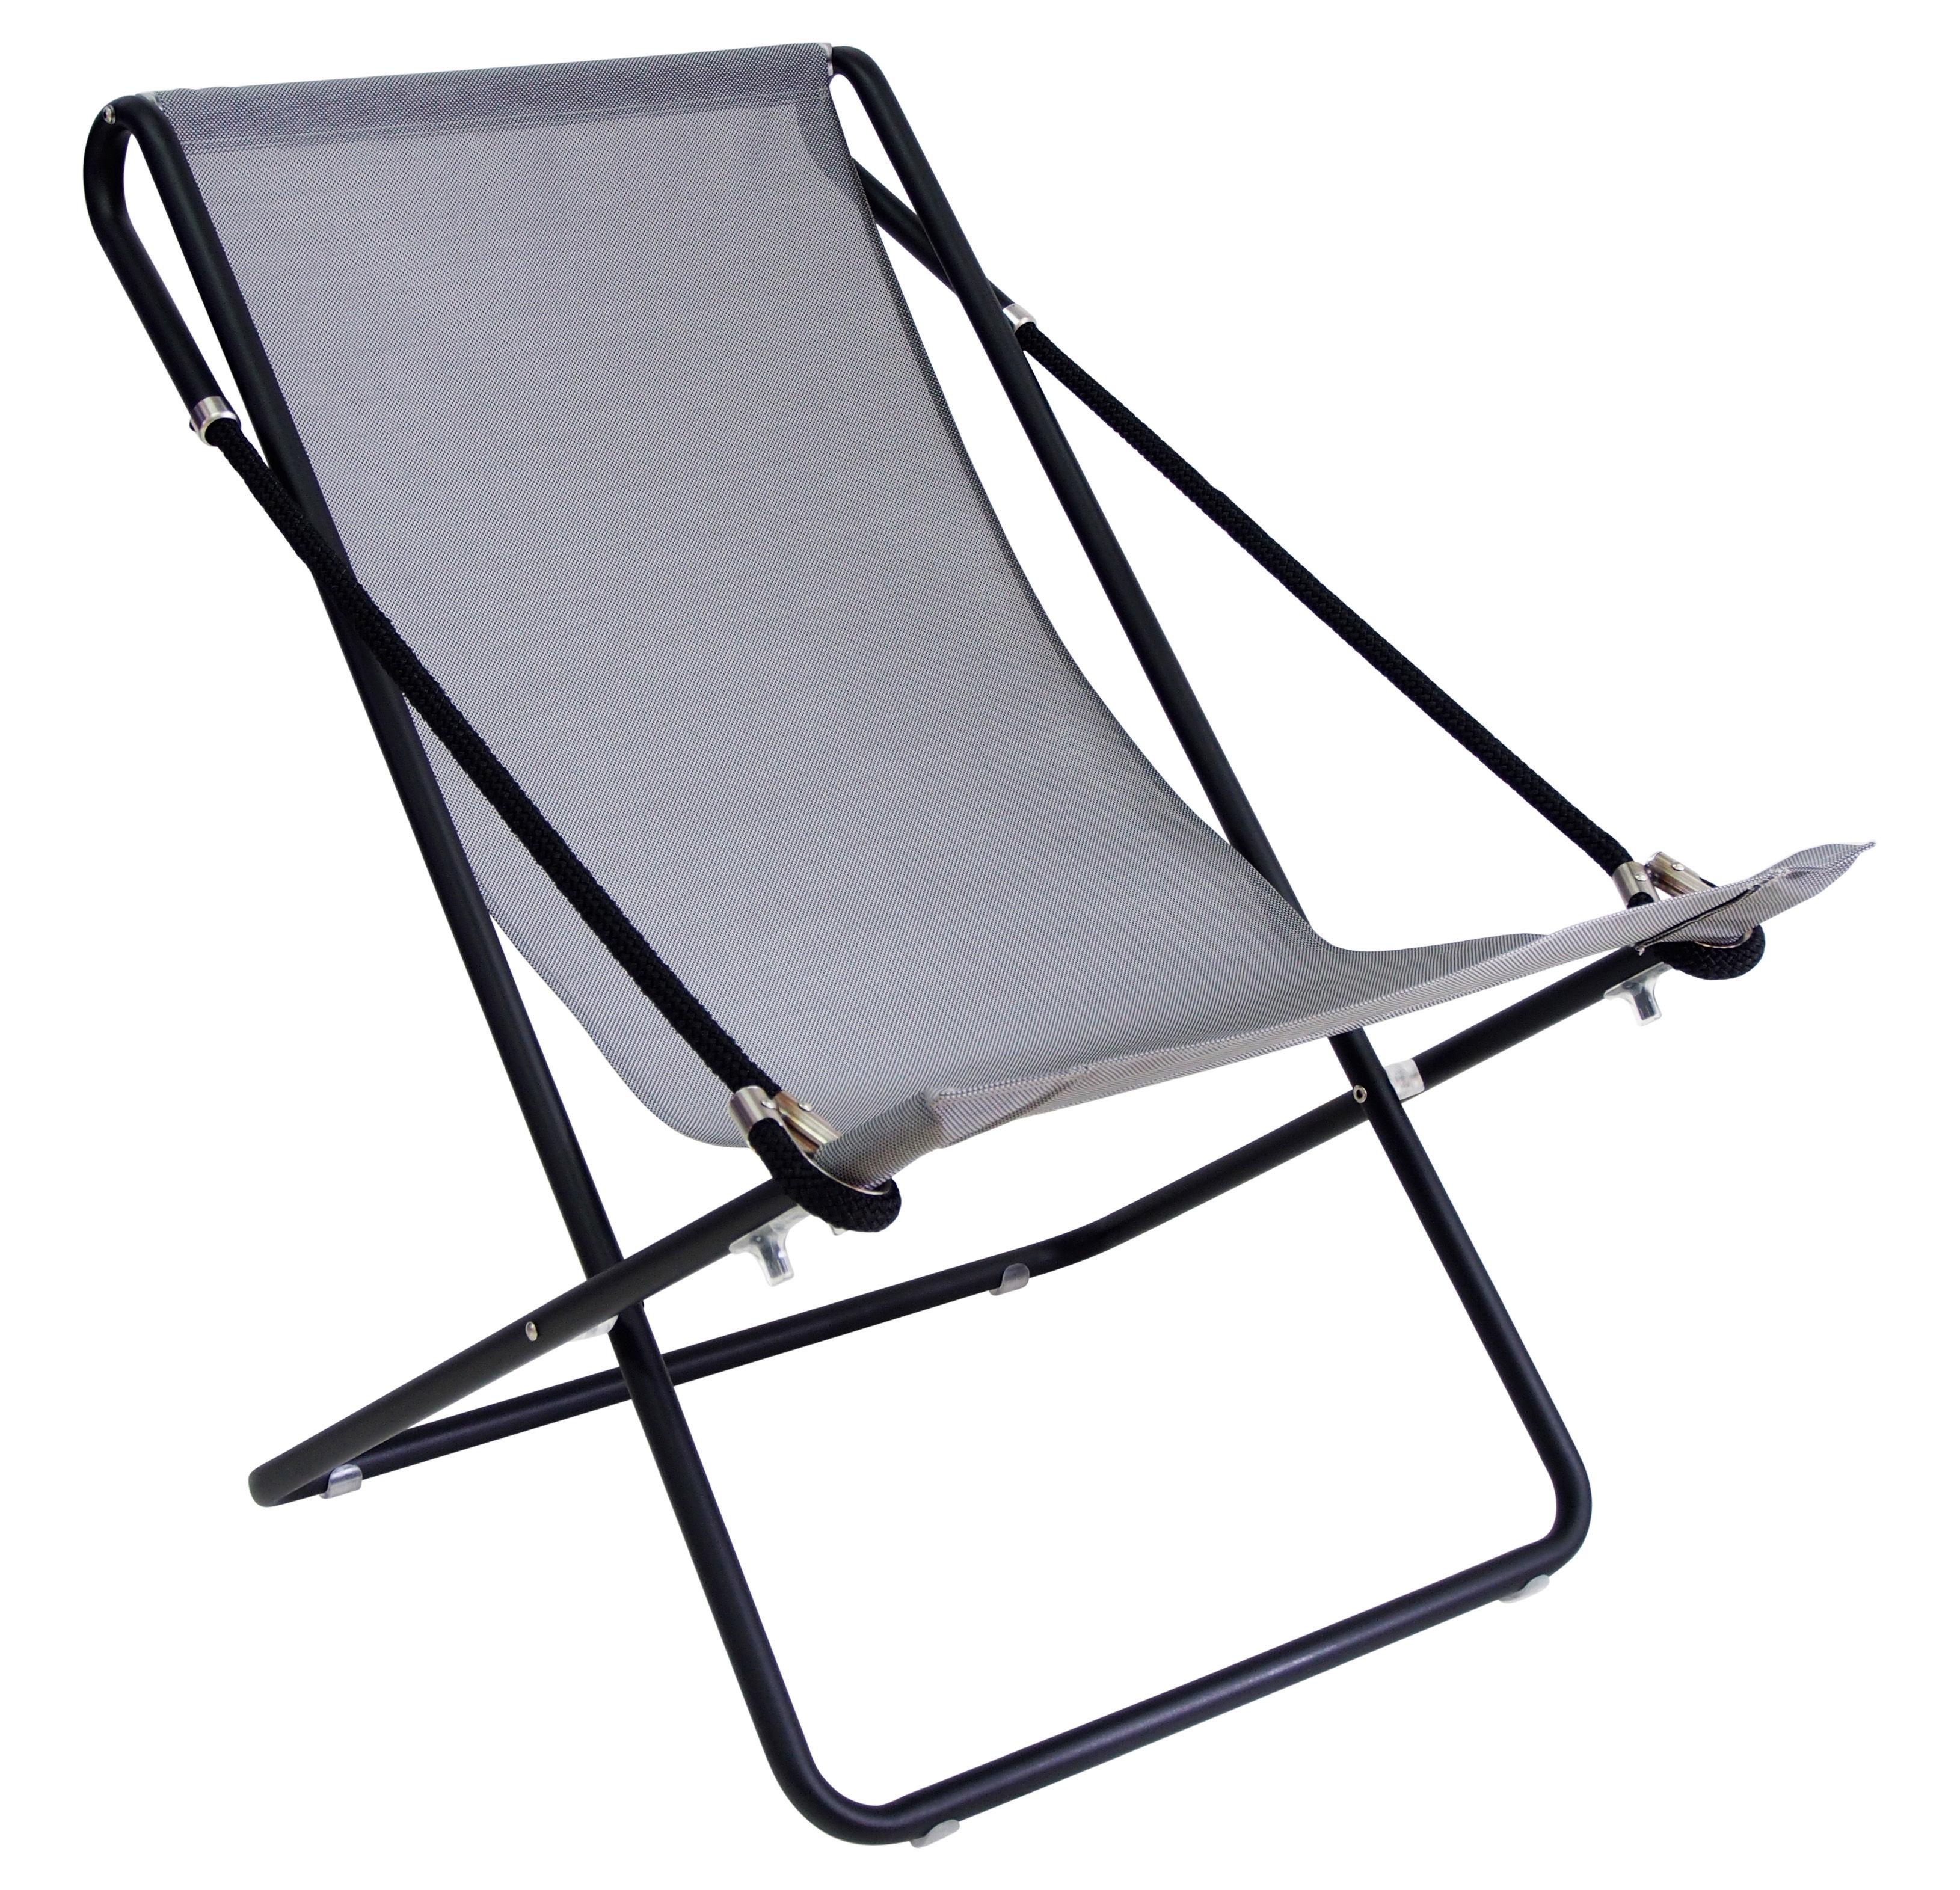 Outdoor - Chaises longues et hamacs - Chaise longue Vetta / Pliable - 2 positions - Emu - Gris foncé / Structure noire - Acier verni, Corde, Toile